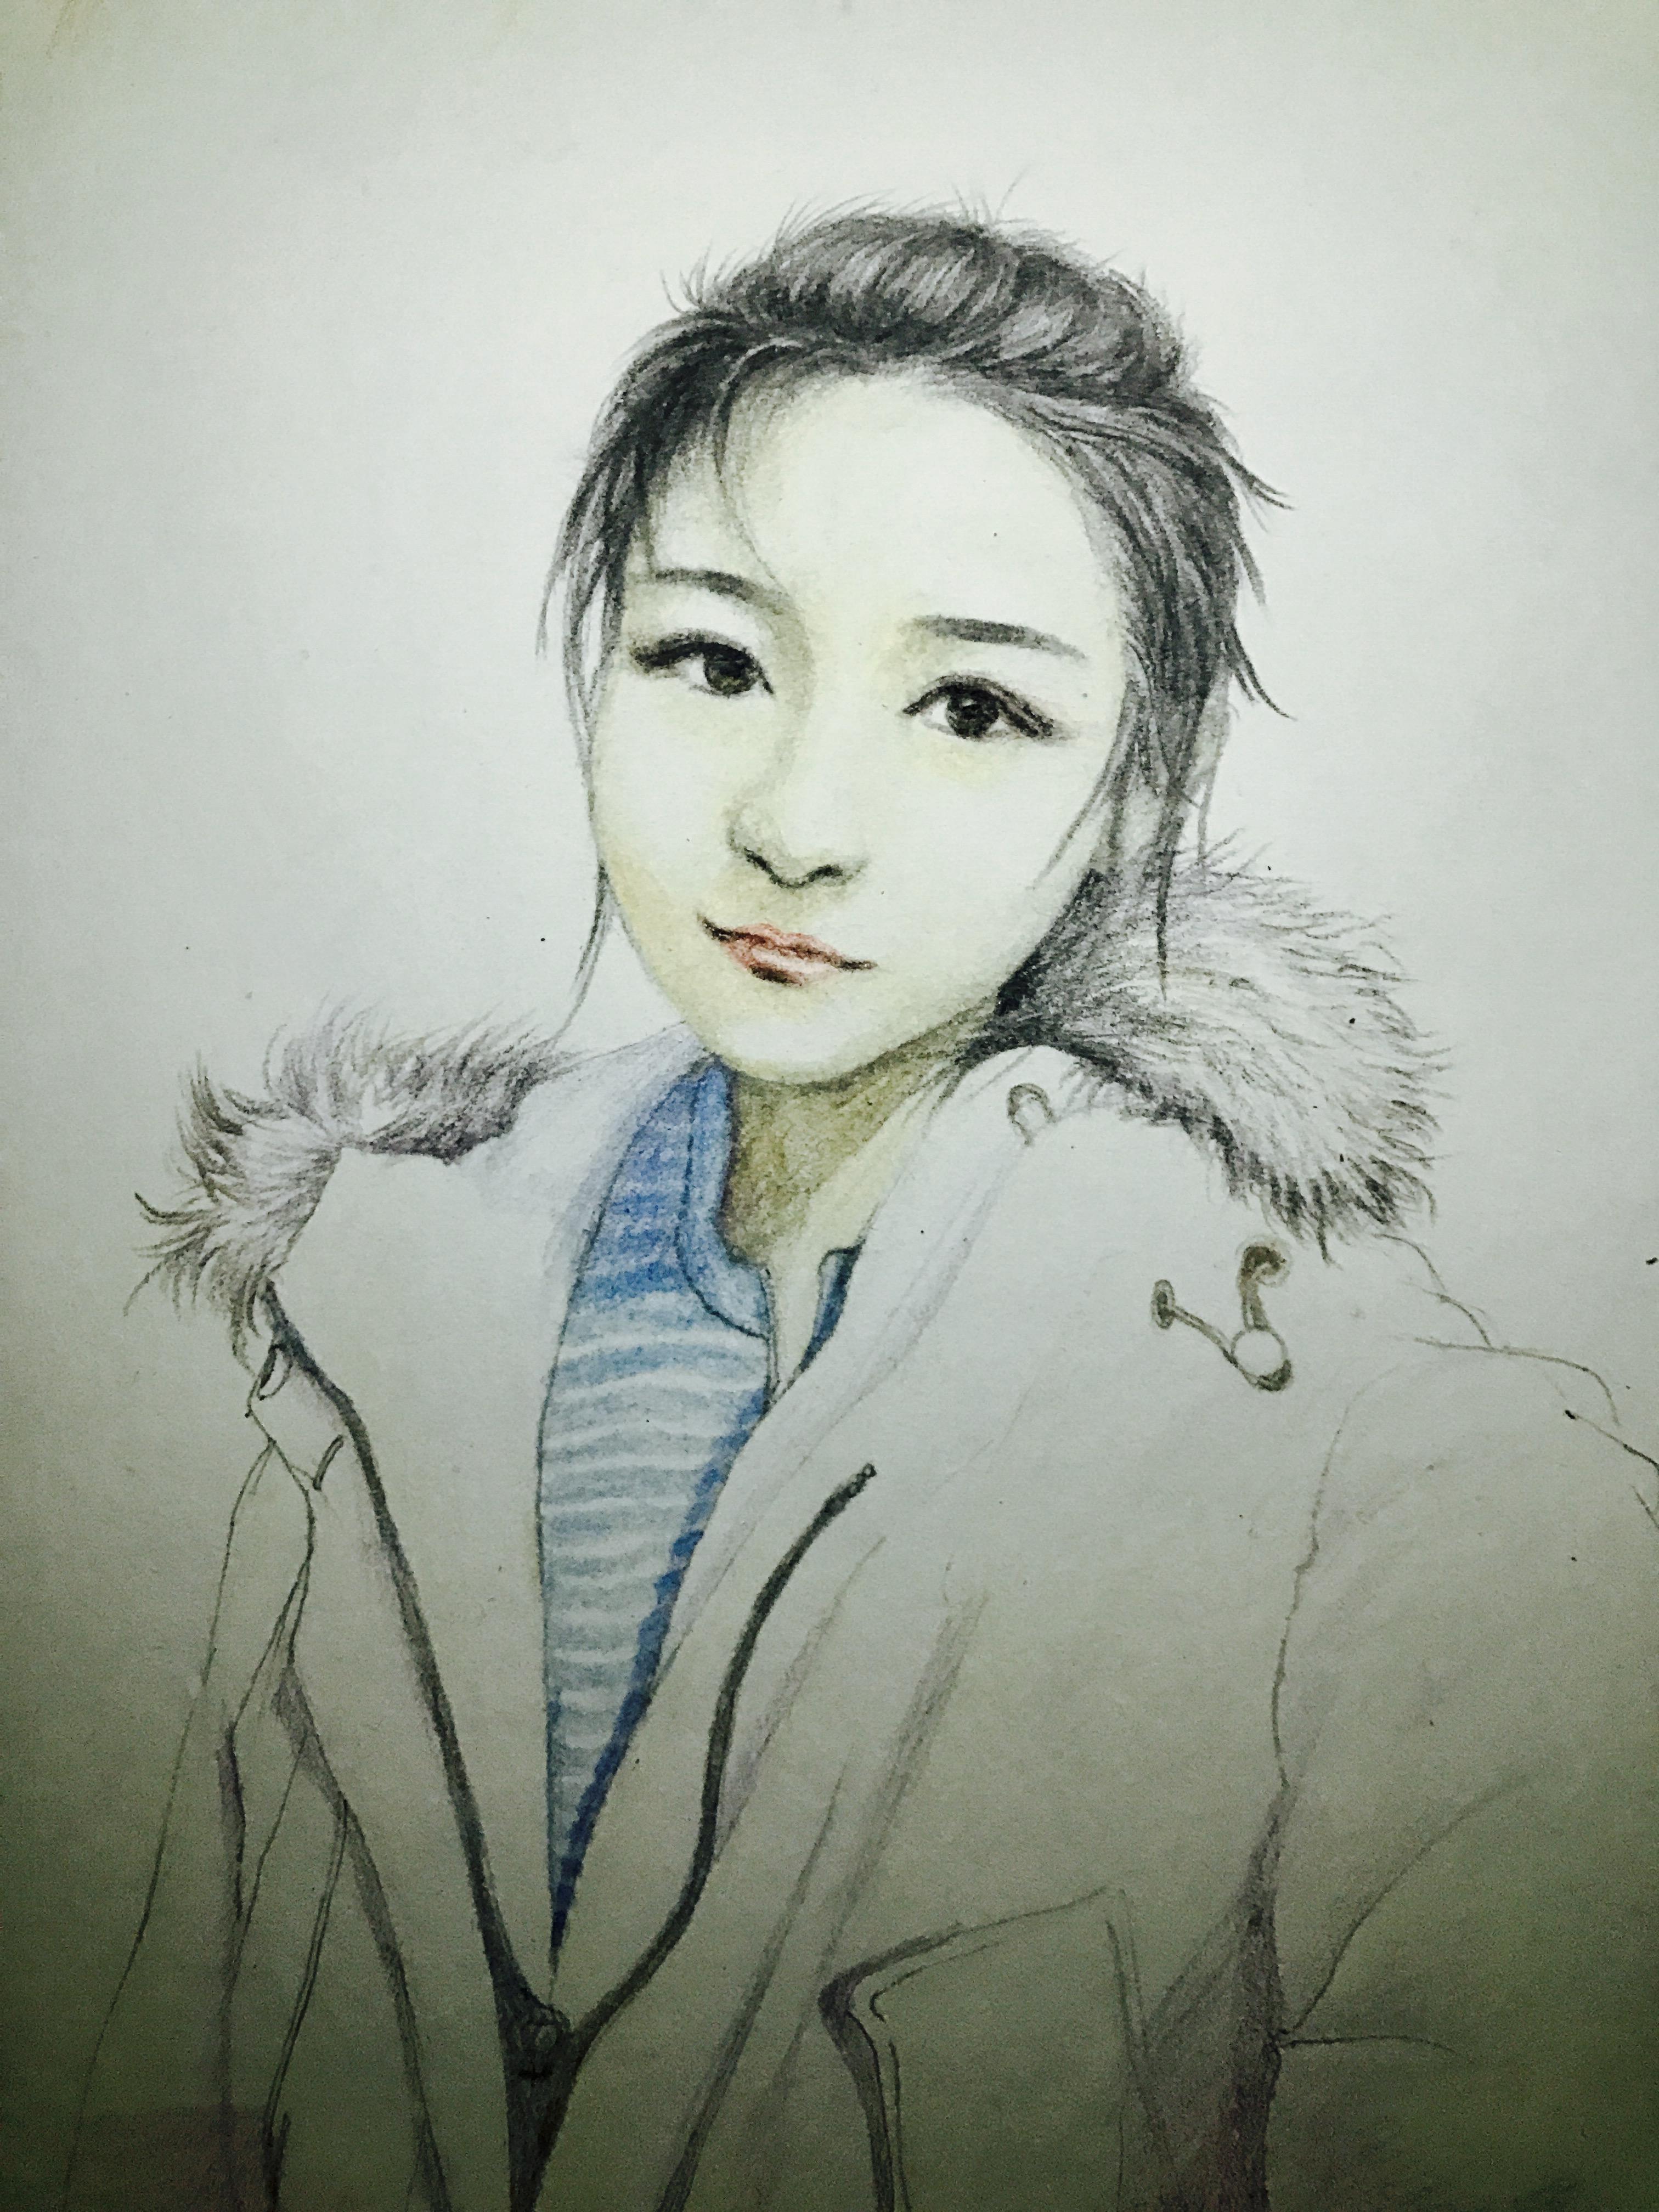 手绘人物 彩铅画 写实 素描